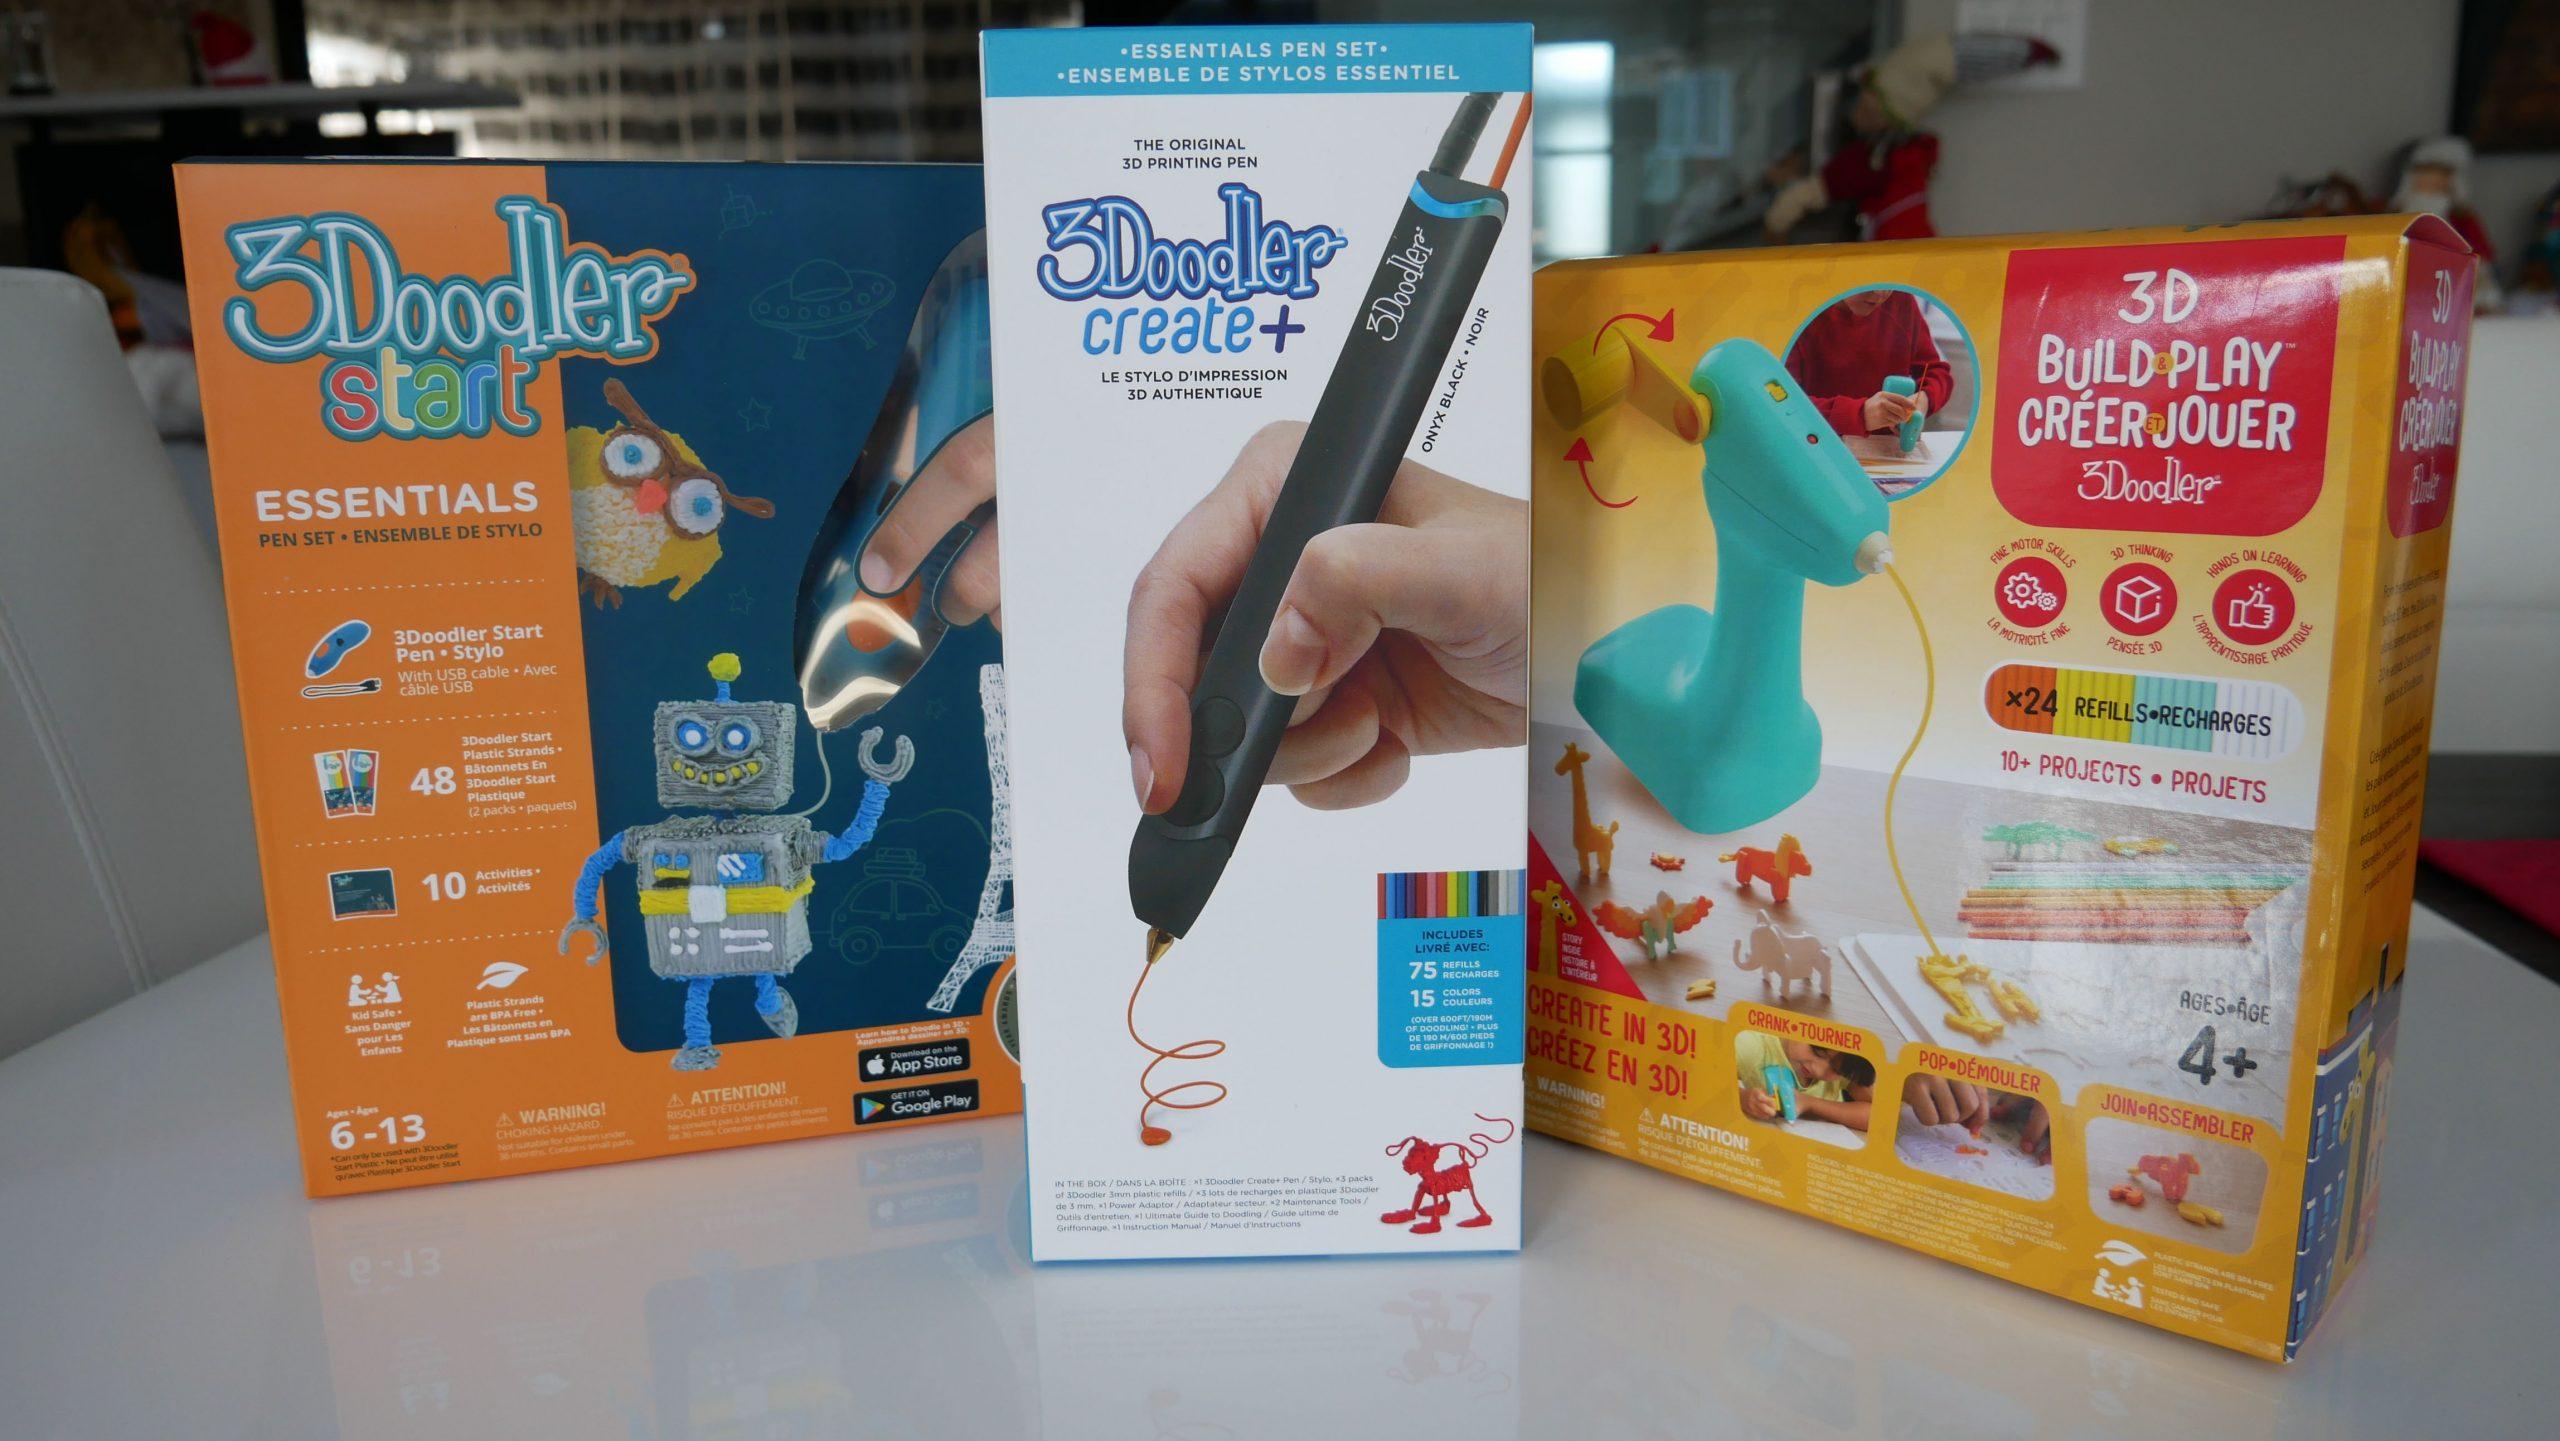 Image of 3Doodler Kits